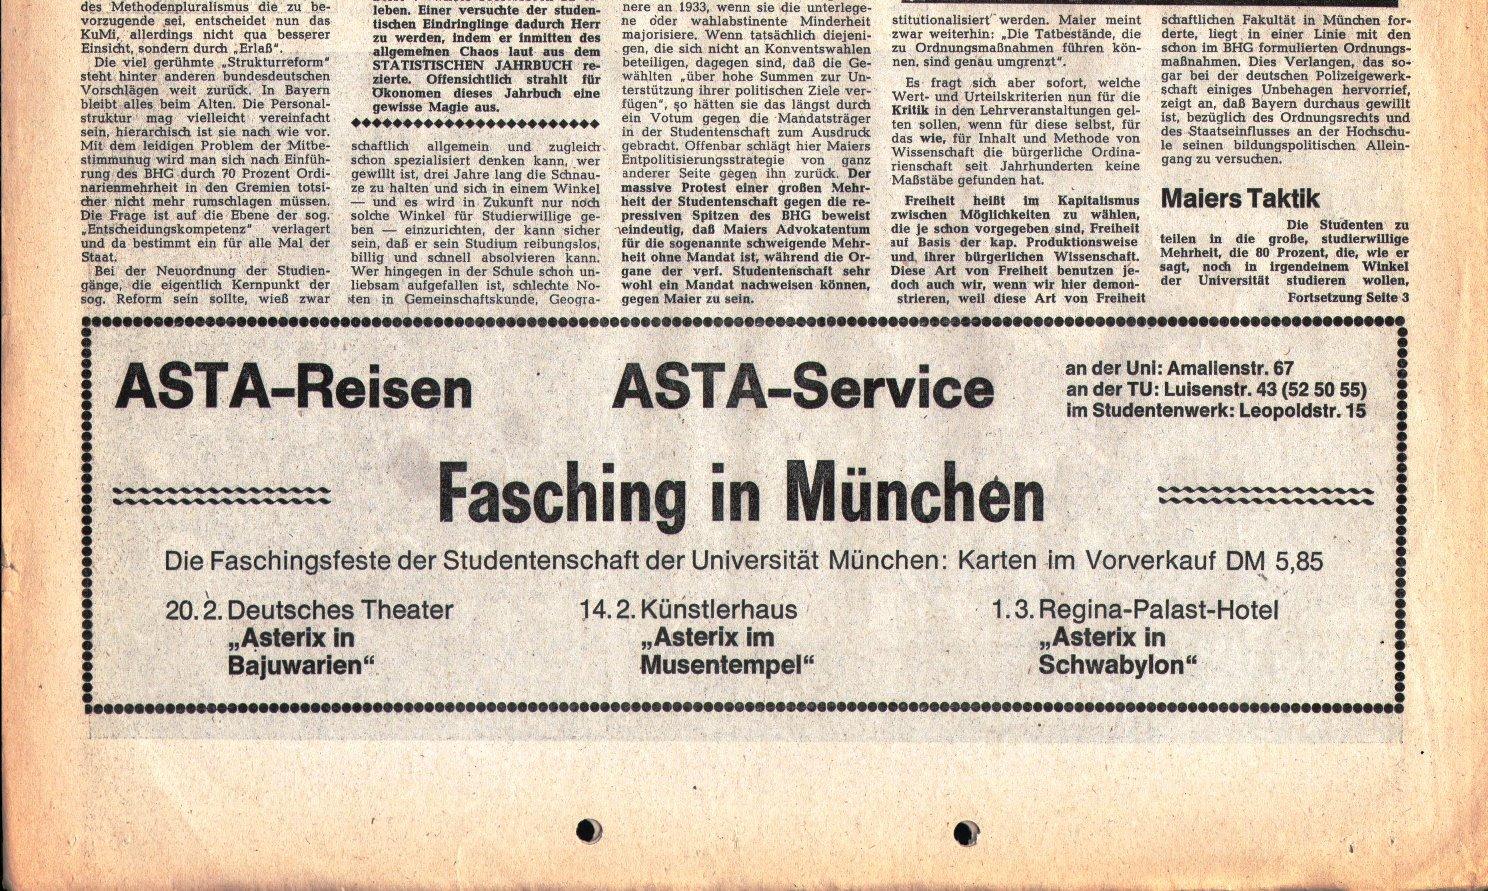 Muenchen_MSZ520